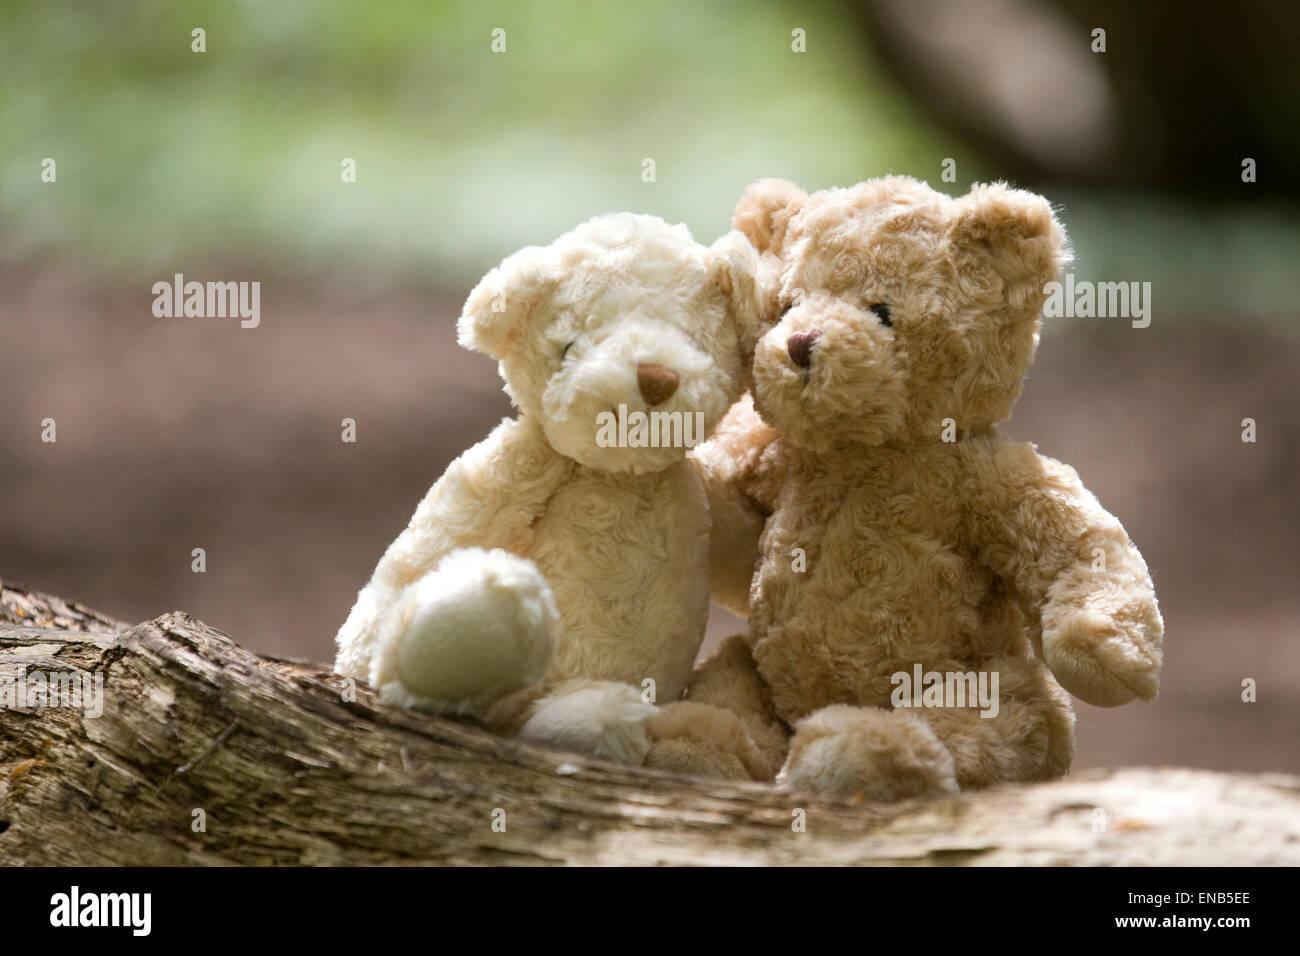 Ours assis sur une branche dans un bois Photo Stock